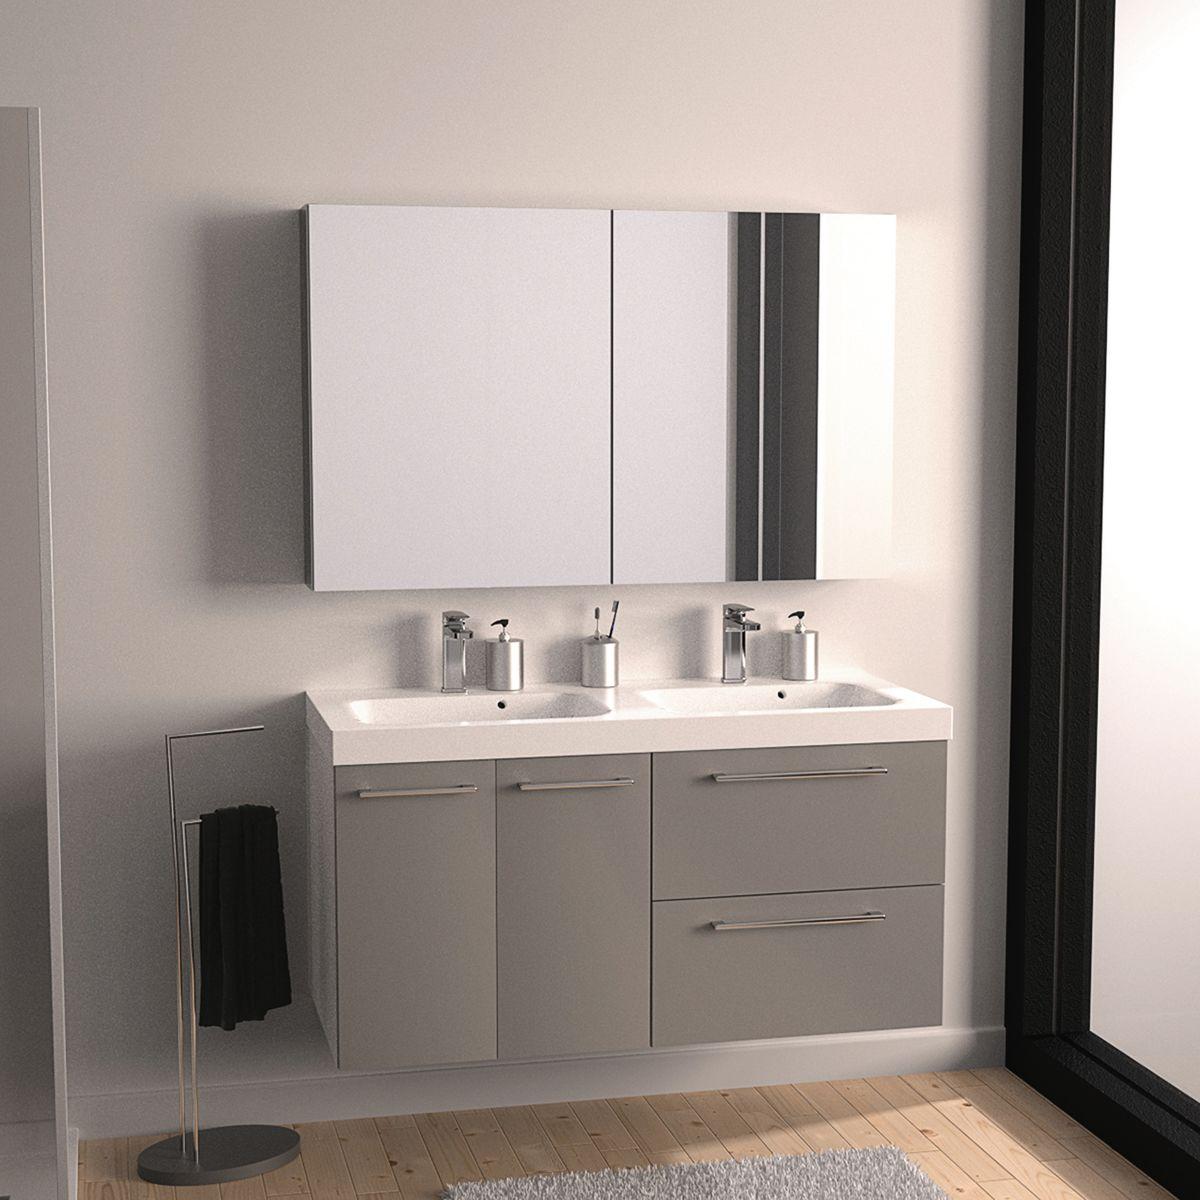 Prezzi arredo bagno mobili bagno sospesi stunning related for prezzi arredo bagno mobili bagno for Mobili bagno con due lavabi